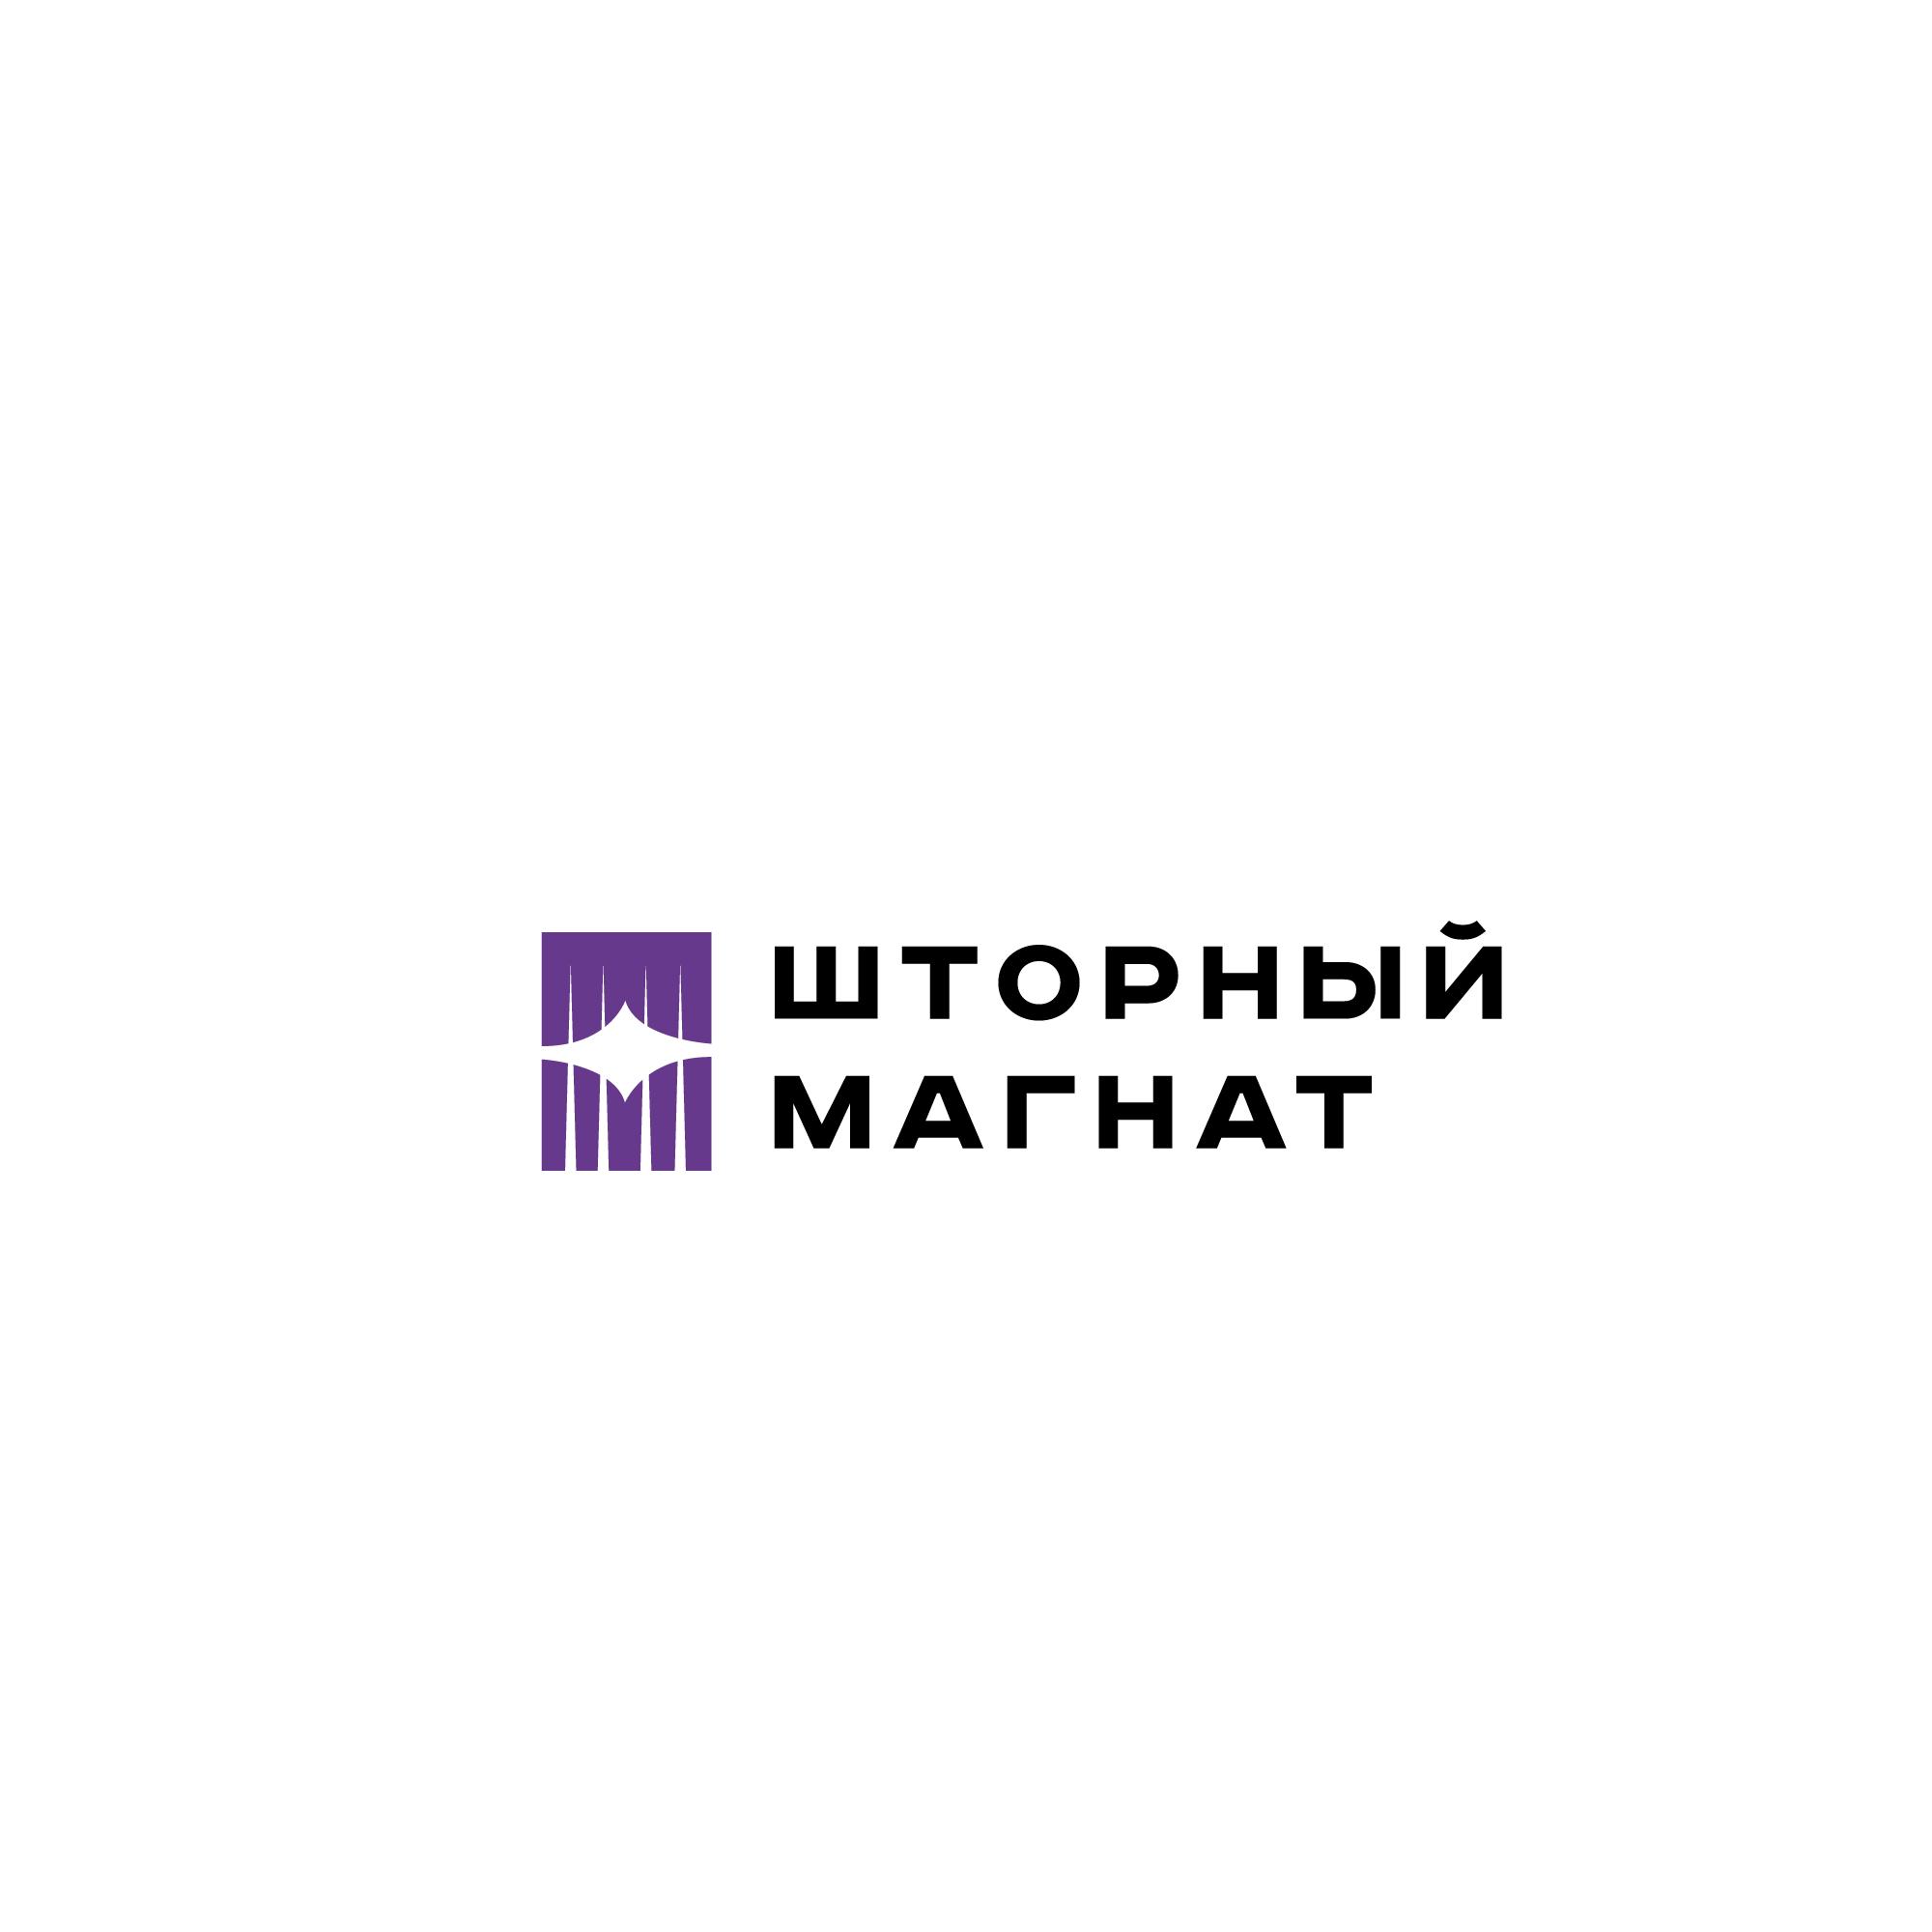 Логотип и фирменный стиль для магазина тканей. фото f_4595cdafeef4bbf2.jpg